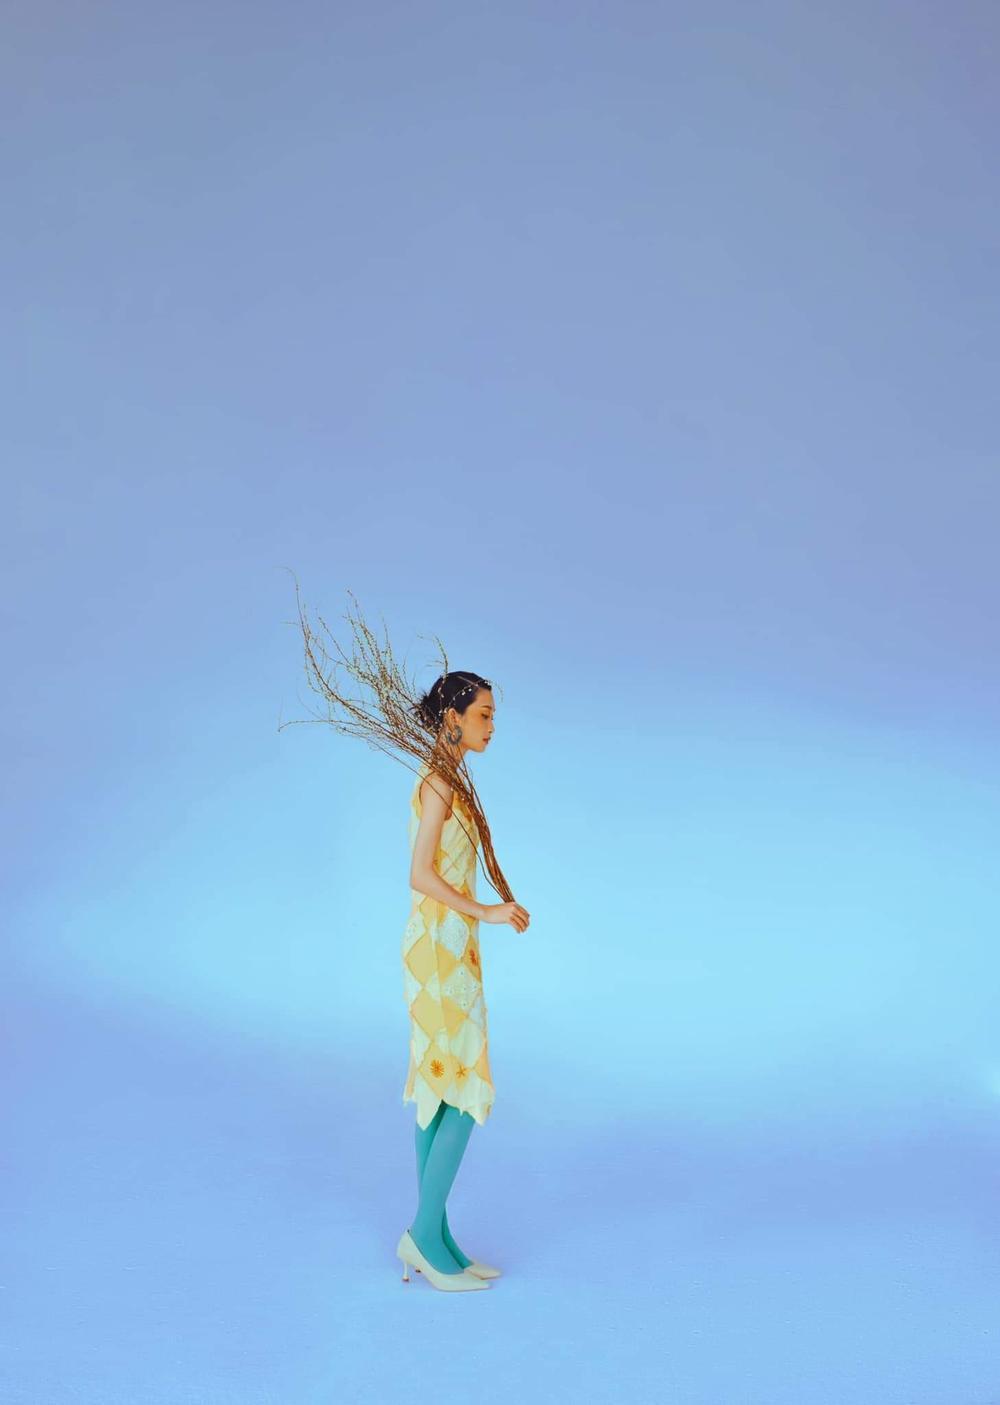 Juky San hoá nàng thơ tao nhã, đẹp thoát tục mơ màng giữa tiết Xuân Ảnh 9